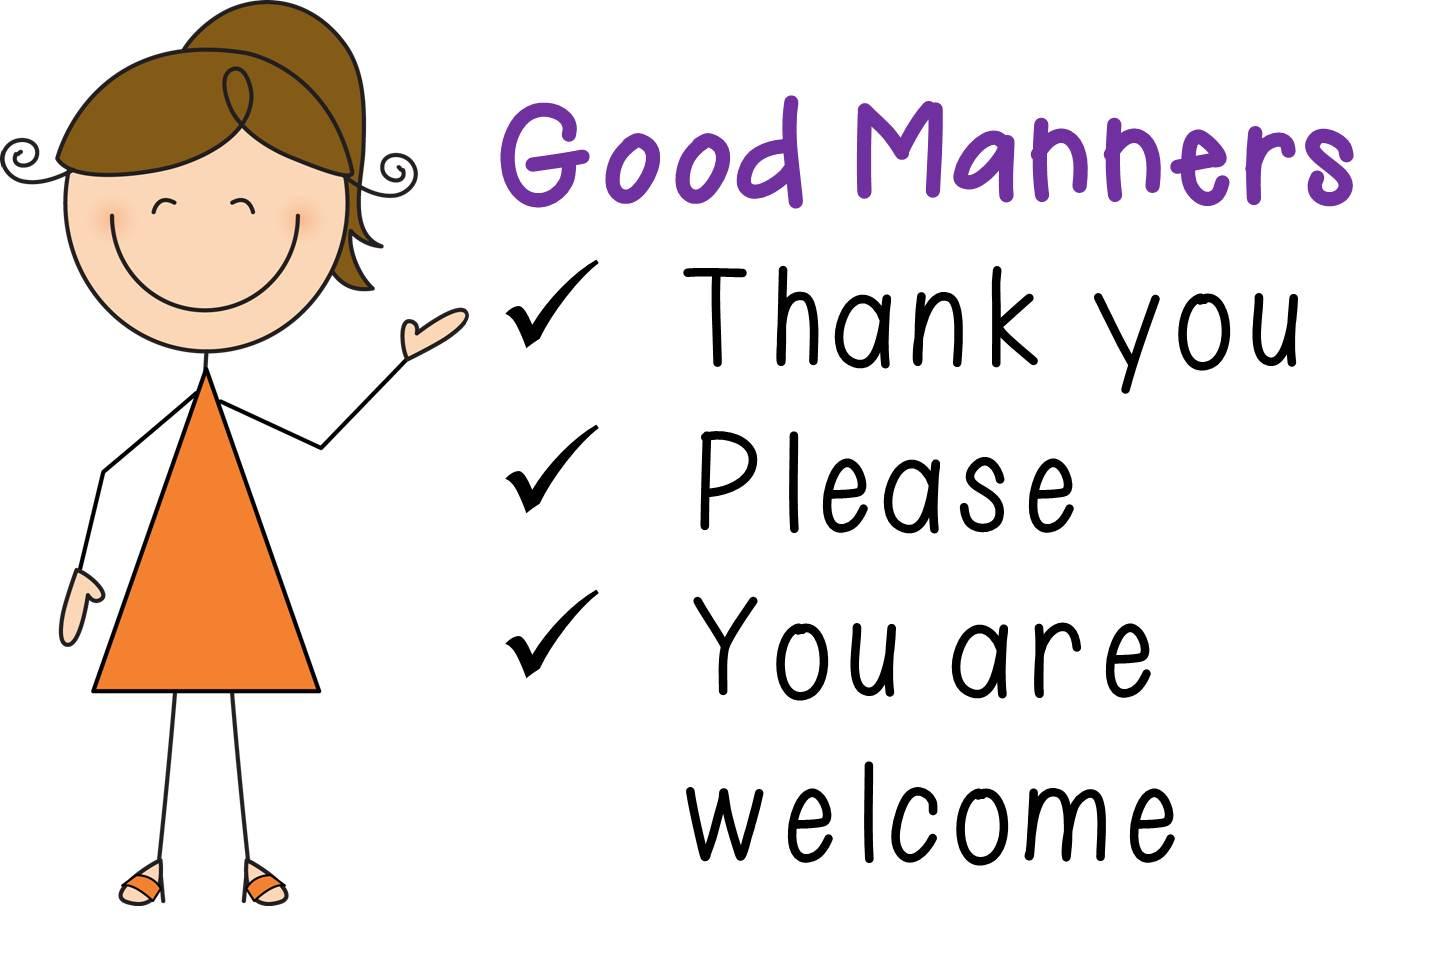 good manner essay Essay on good manners in hindi - शिष्टाचार पर निबंध - अच्छा व्यवहार एक सज्जन के निशान हैं, सच्चे सज्जन दूसरों की भावनाओं को कभी चोट नहीं देंगे.